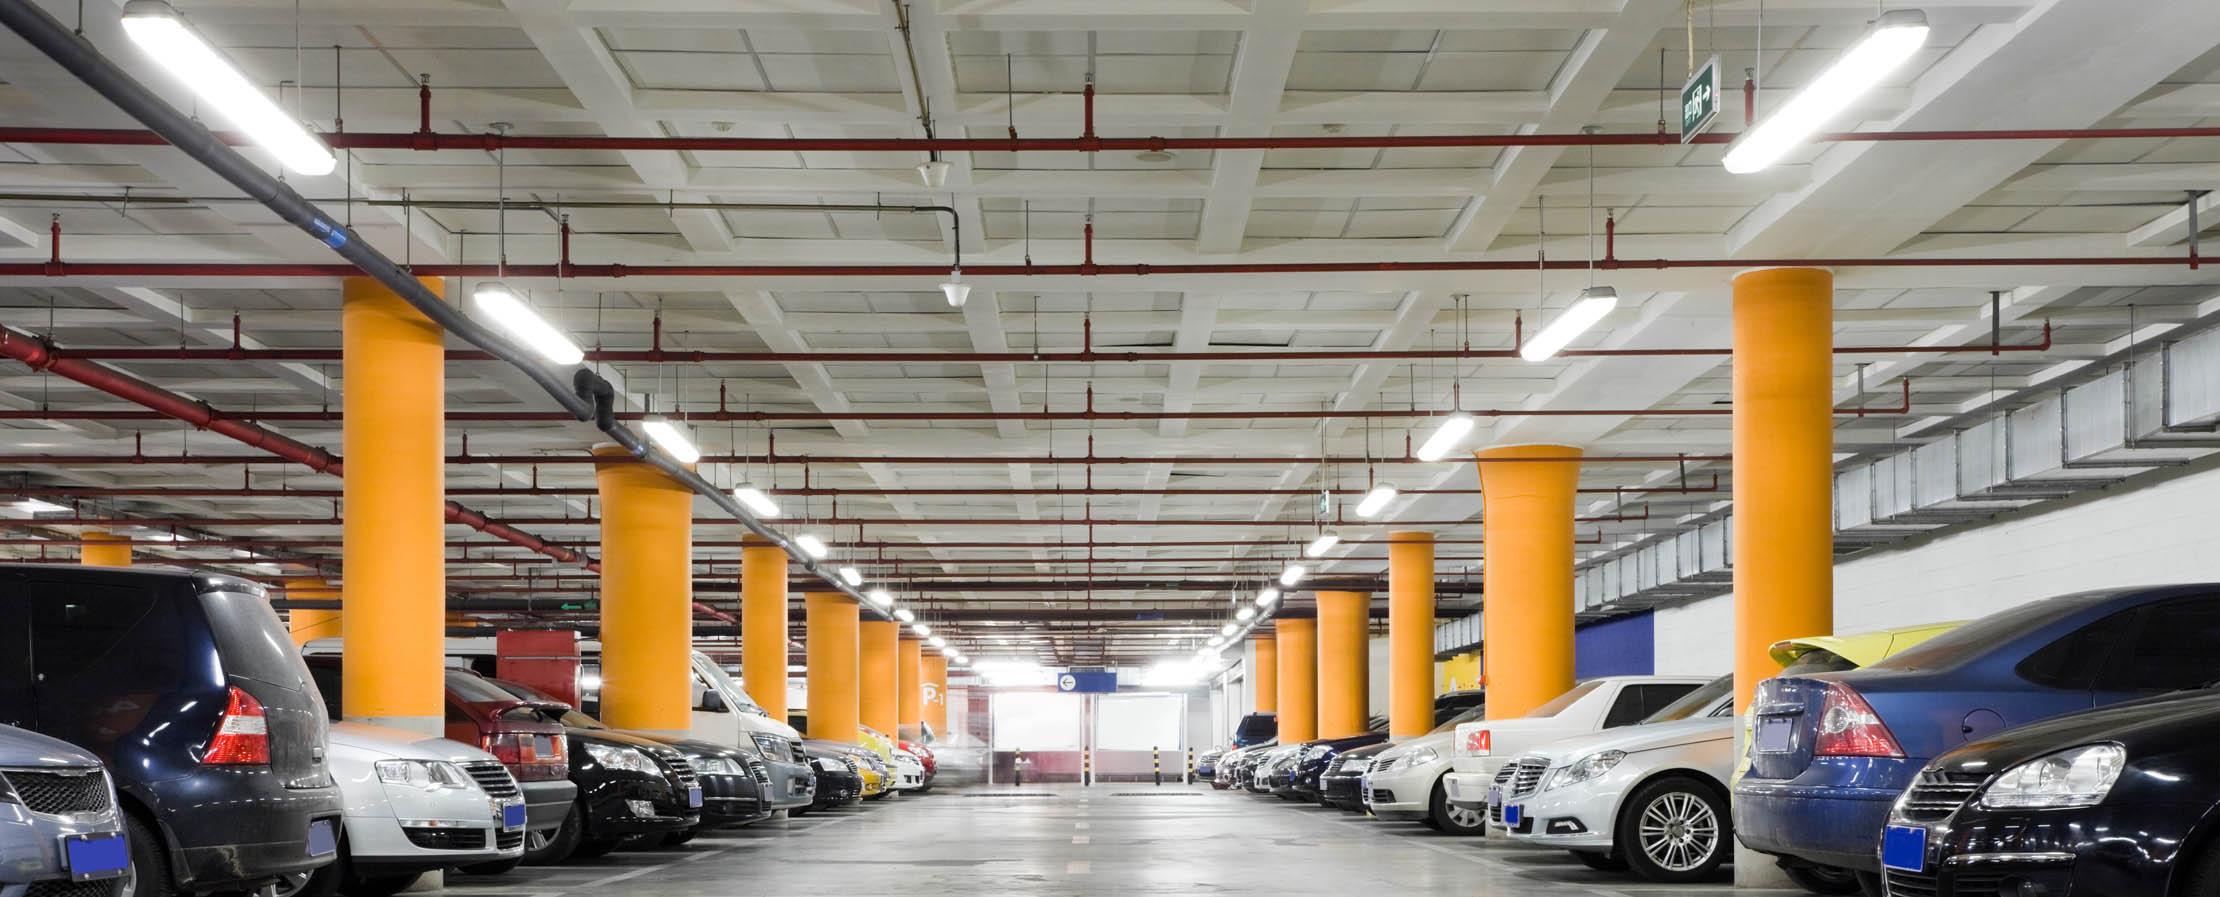 Resultado de imagem para shopping mall parking